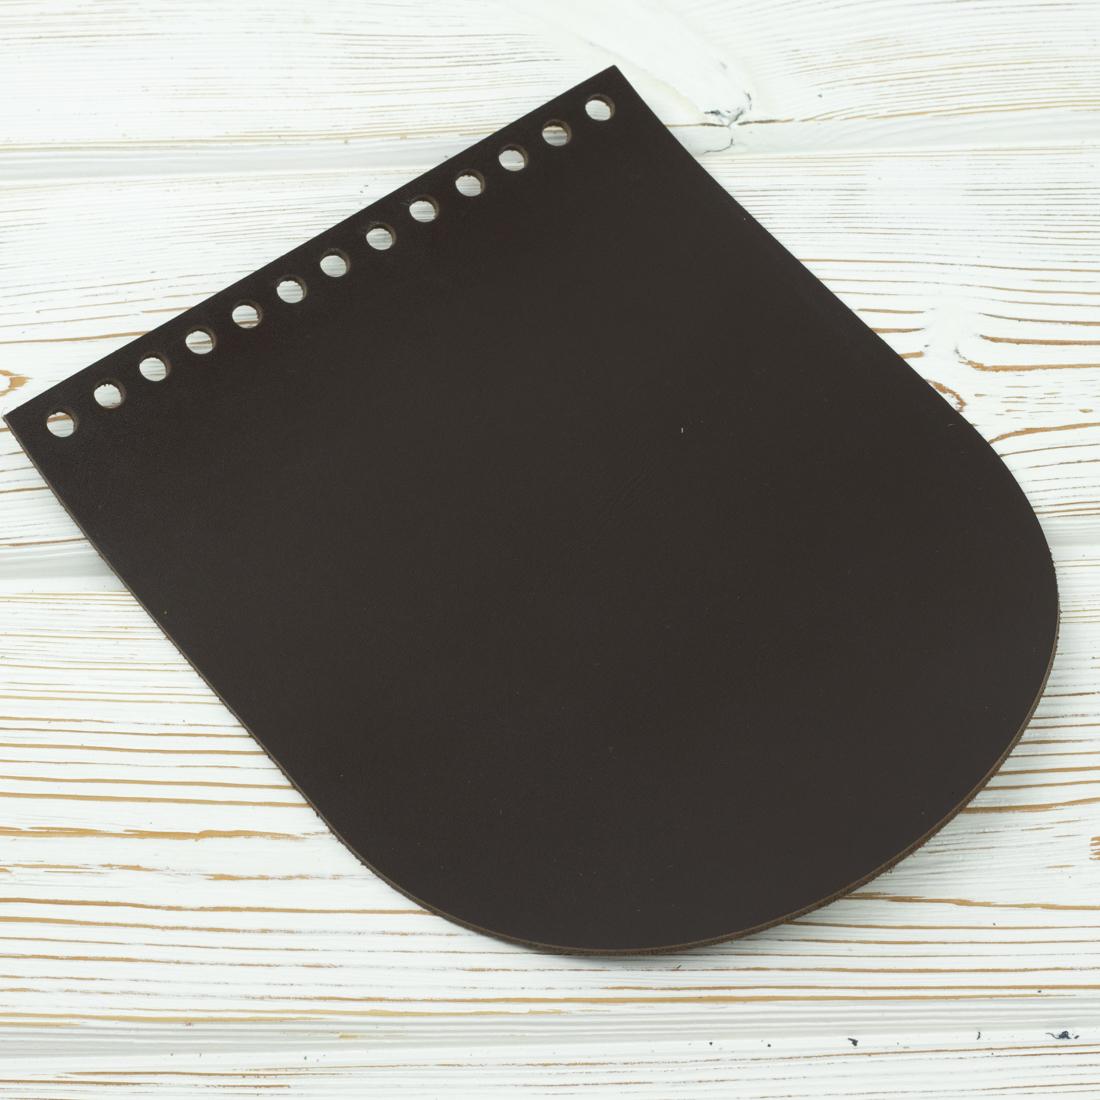 """Вся фурнитура Клапан для сумочки кожаный """"Темно-коричневый"""" 19,5*15,5 см IMG_5972.jpg"""